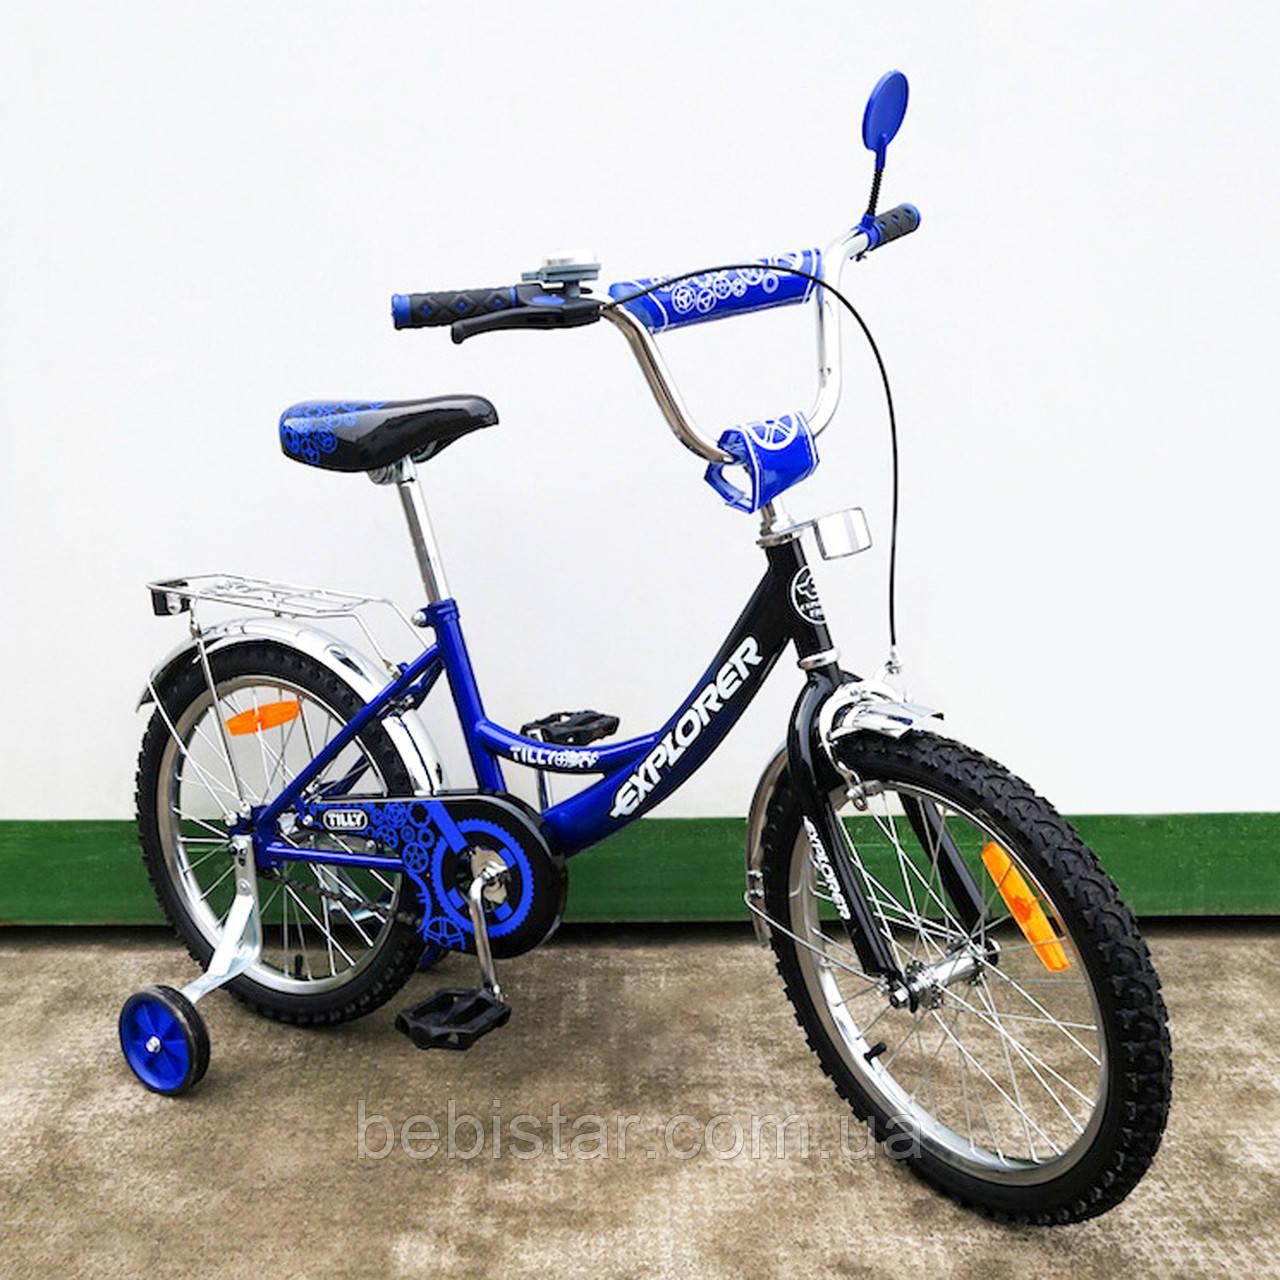 """Дитячий двоколісний велосипед TILLY 18"""" T-21815 для дітей 5-7 років, синьо-чорний"""